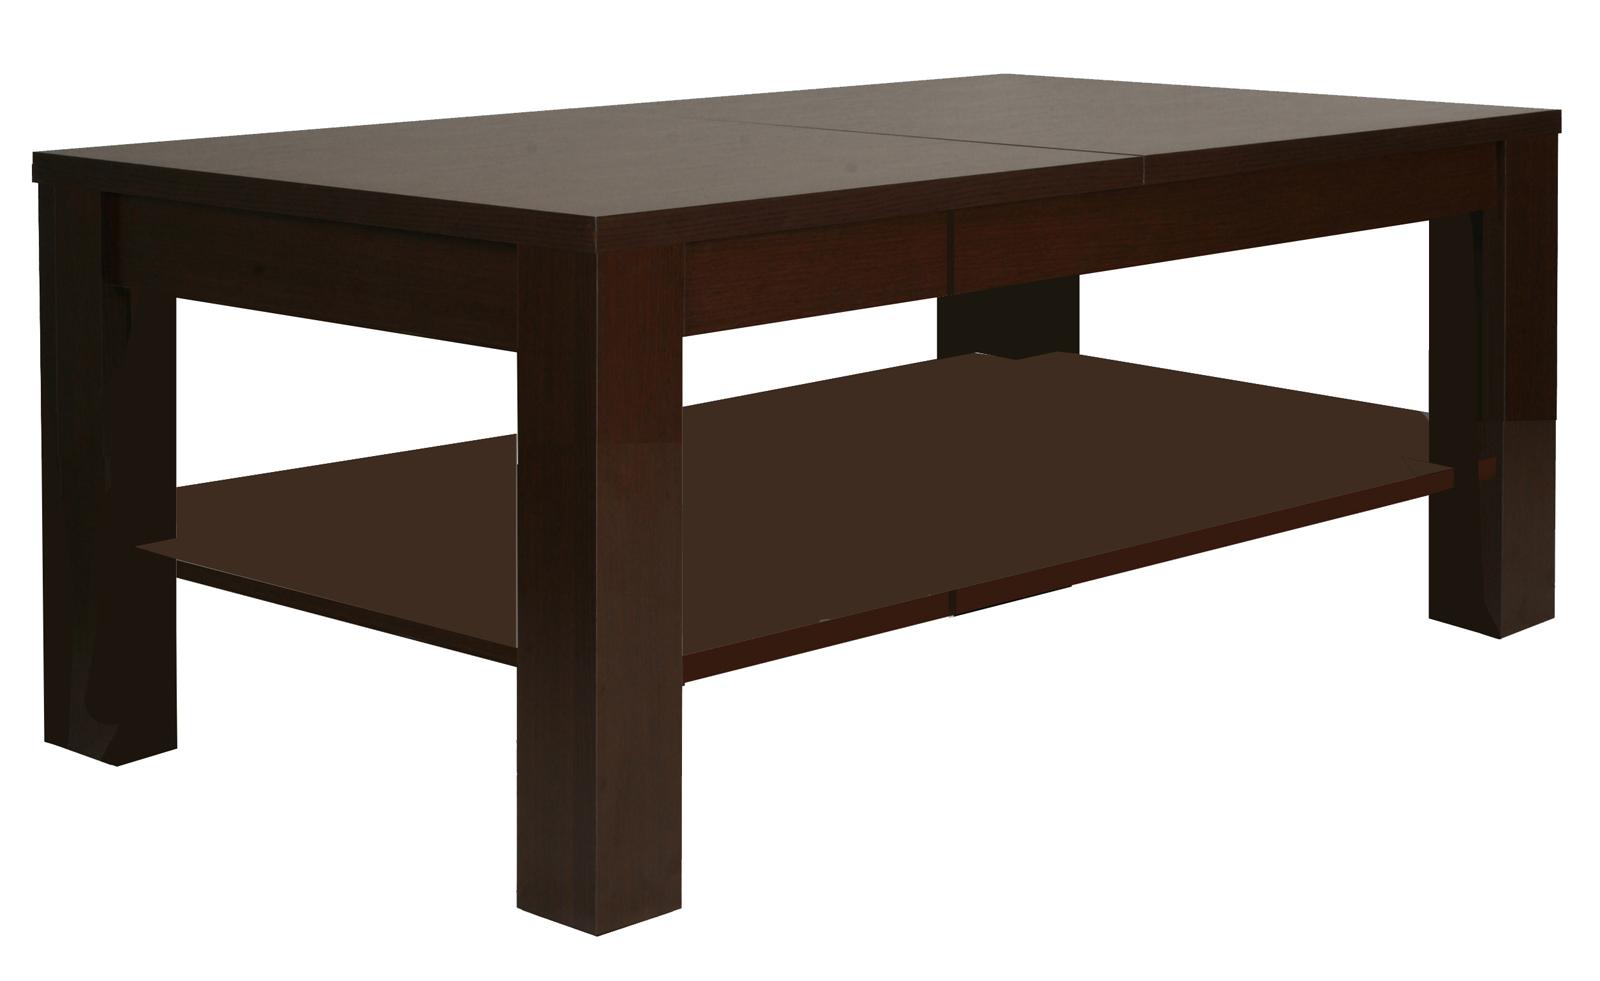 Konferenčný stolík - Tempo Kondela - Pello - Typ 70